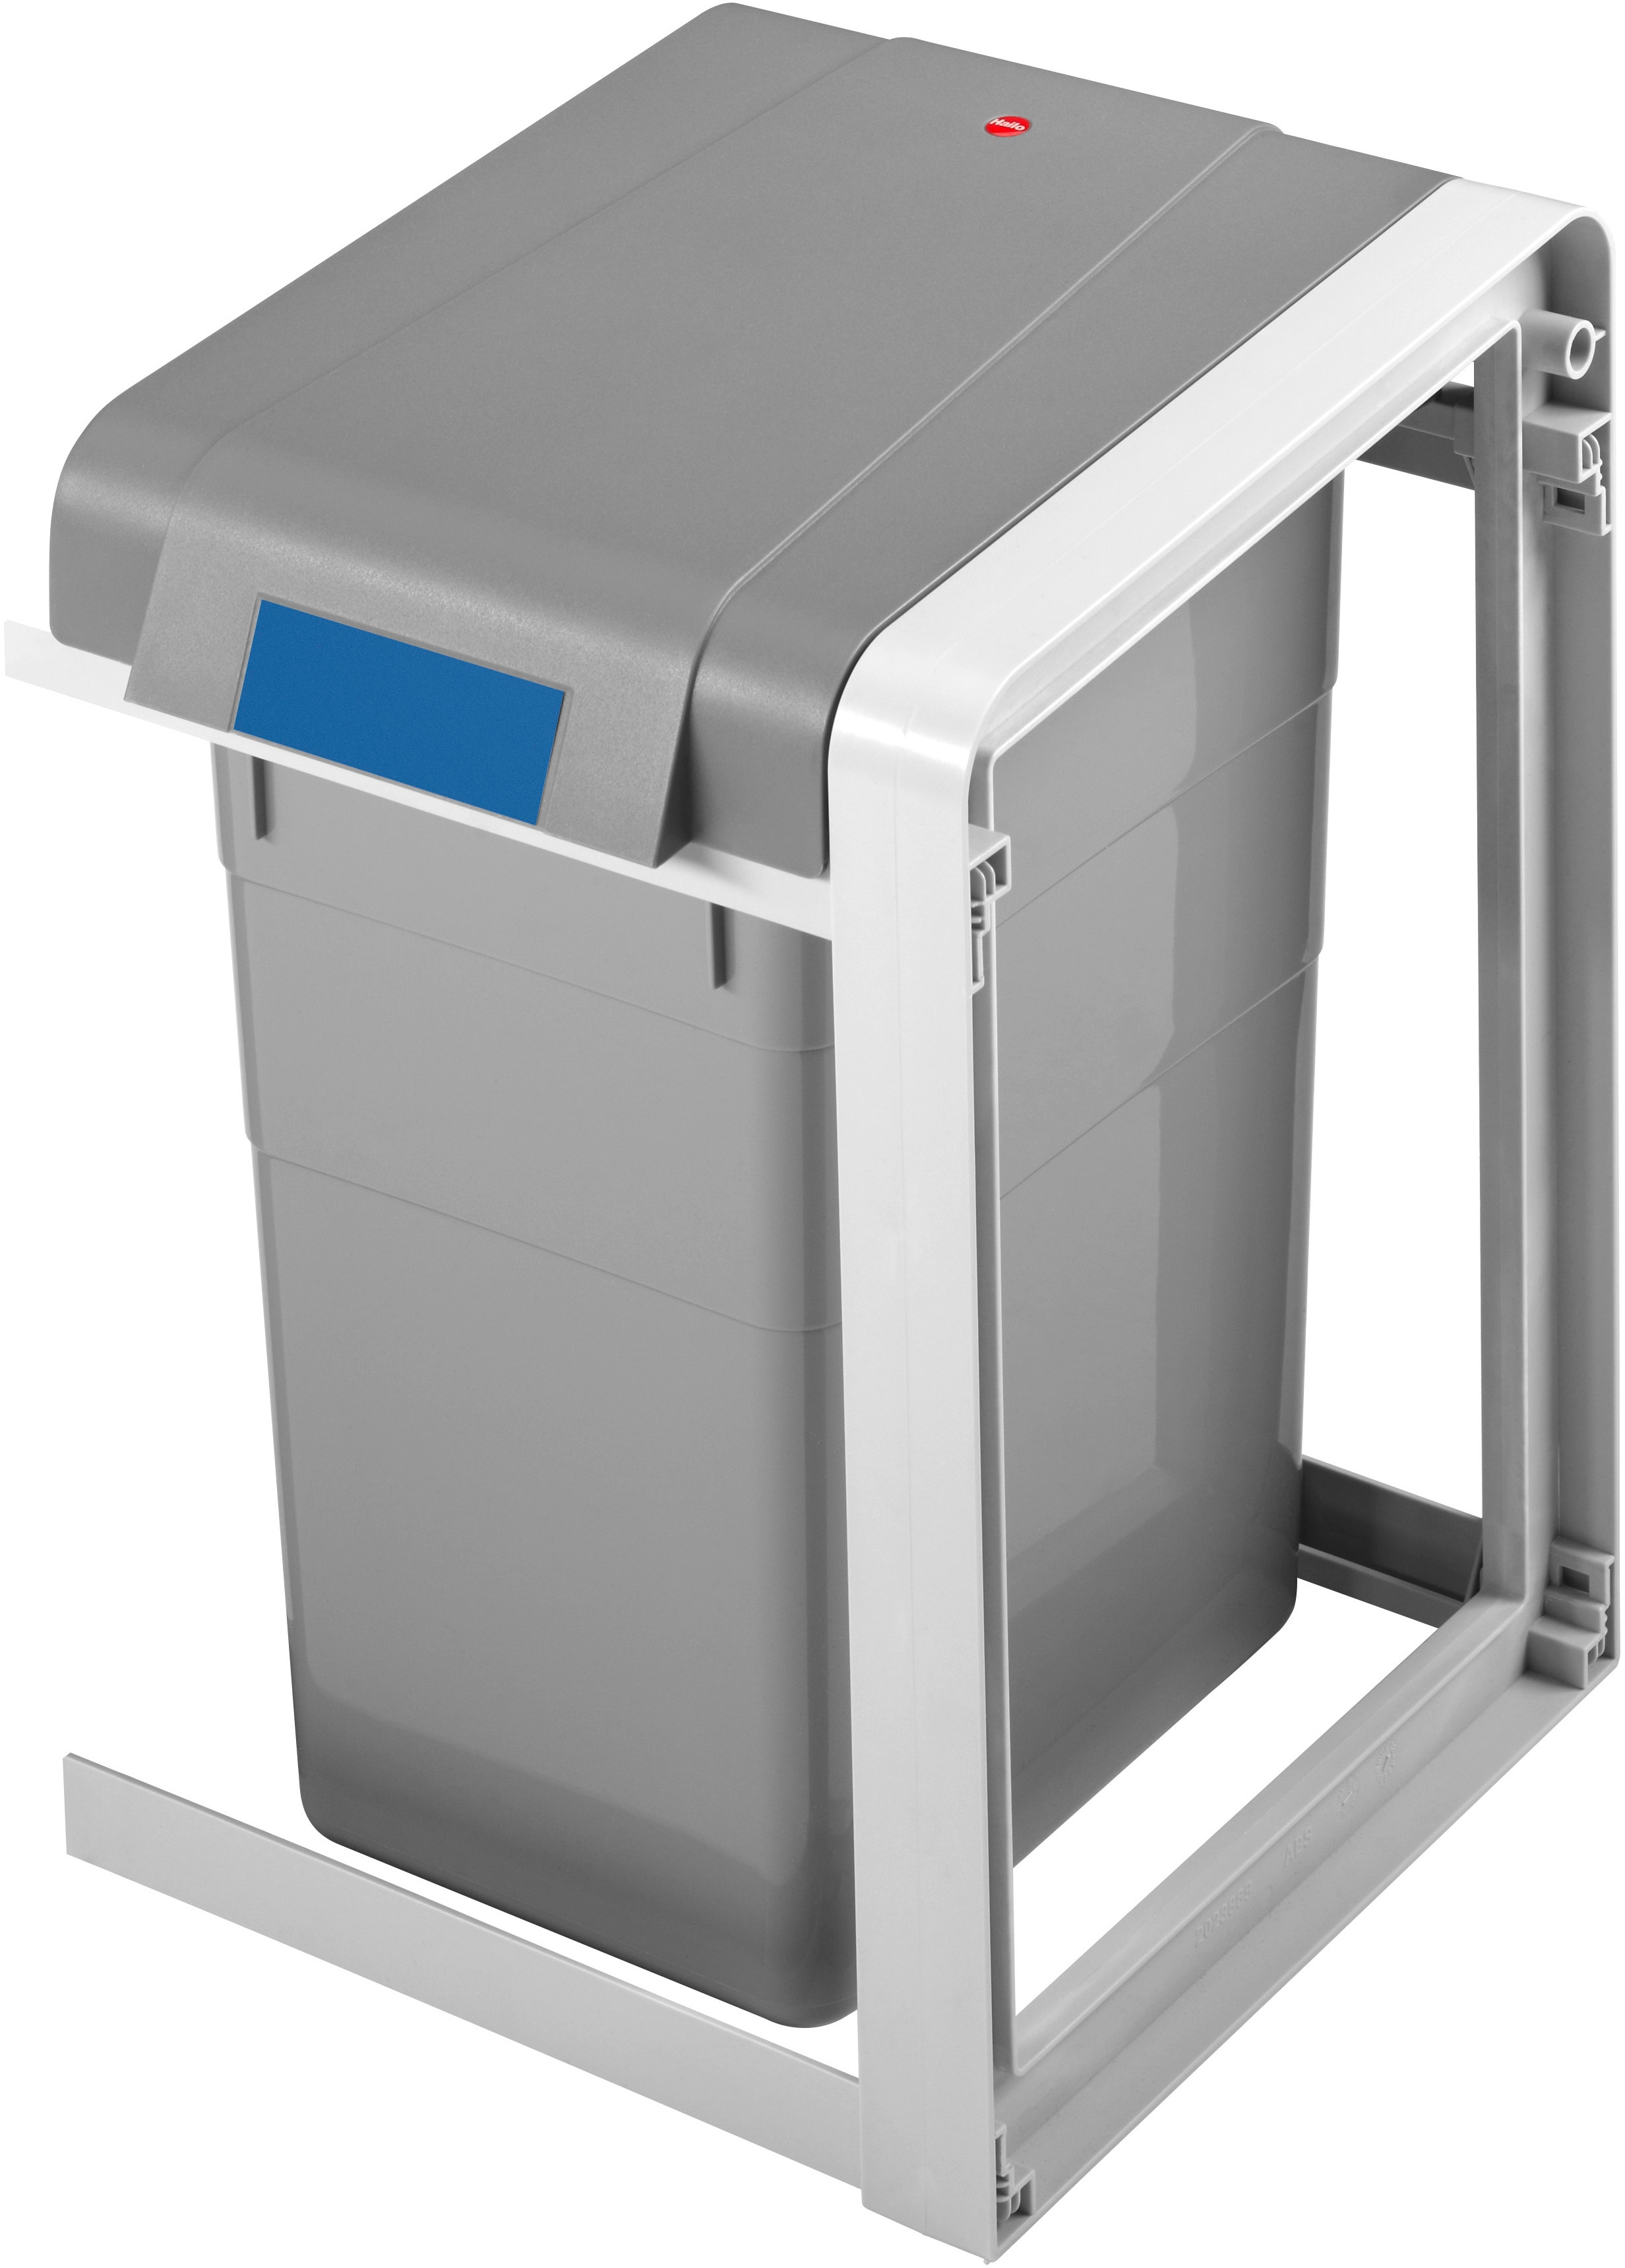 Hailo Mülltrennsystem ProfiLine Öko L,Erweiterungseinheit,19l grau Mülleimer Küchenhelfer Haushaltswaren